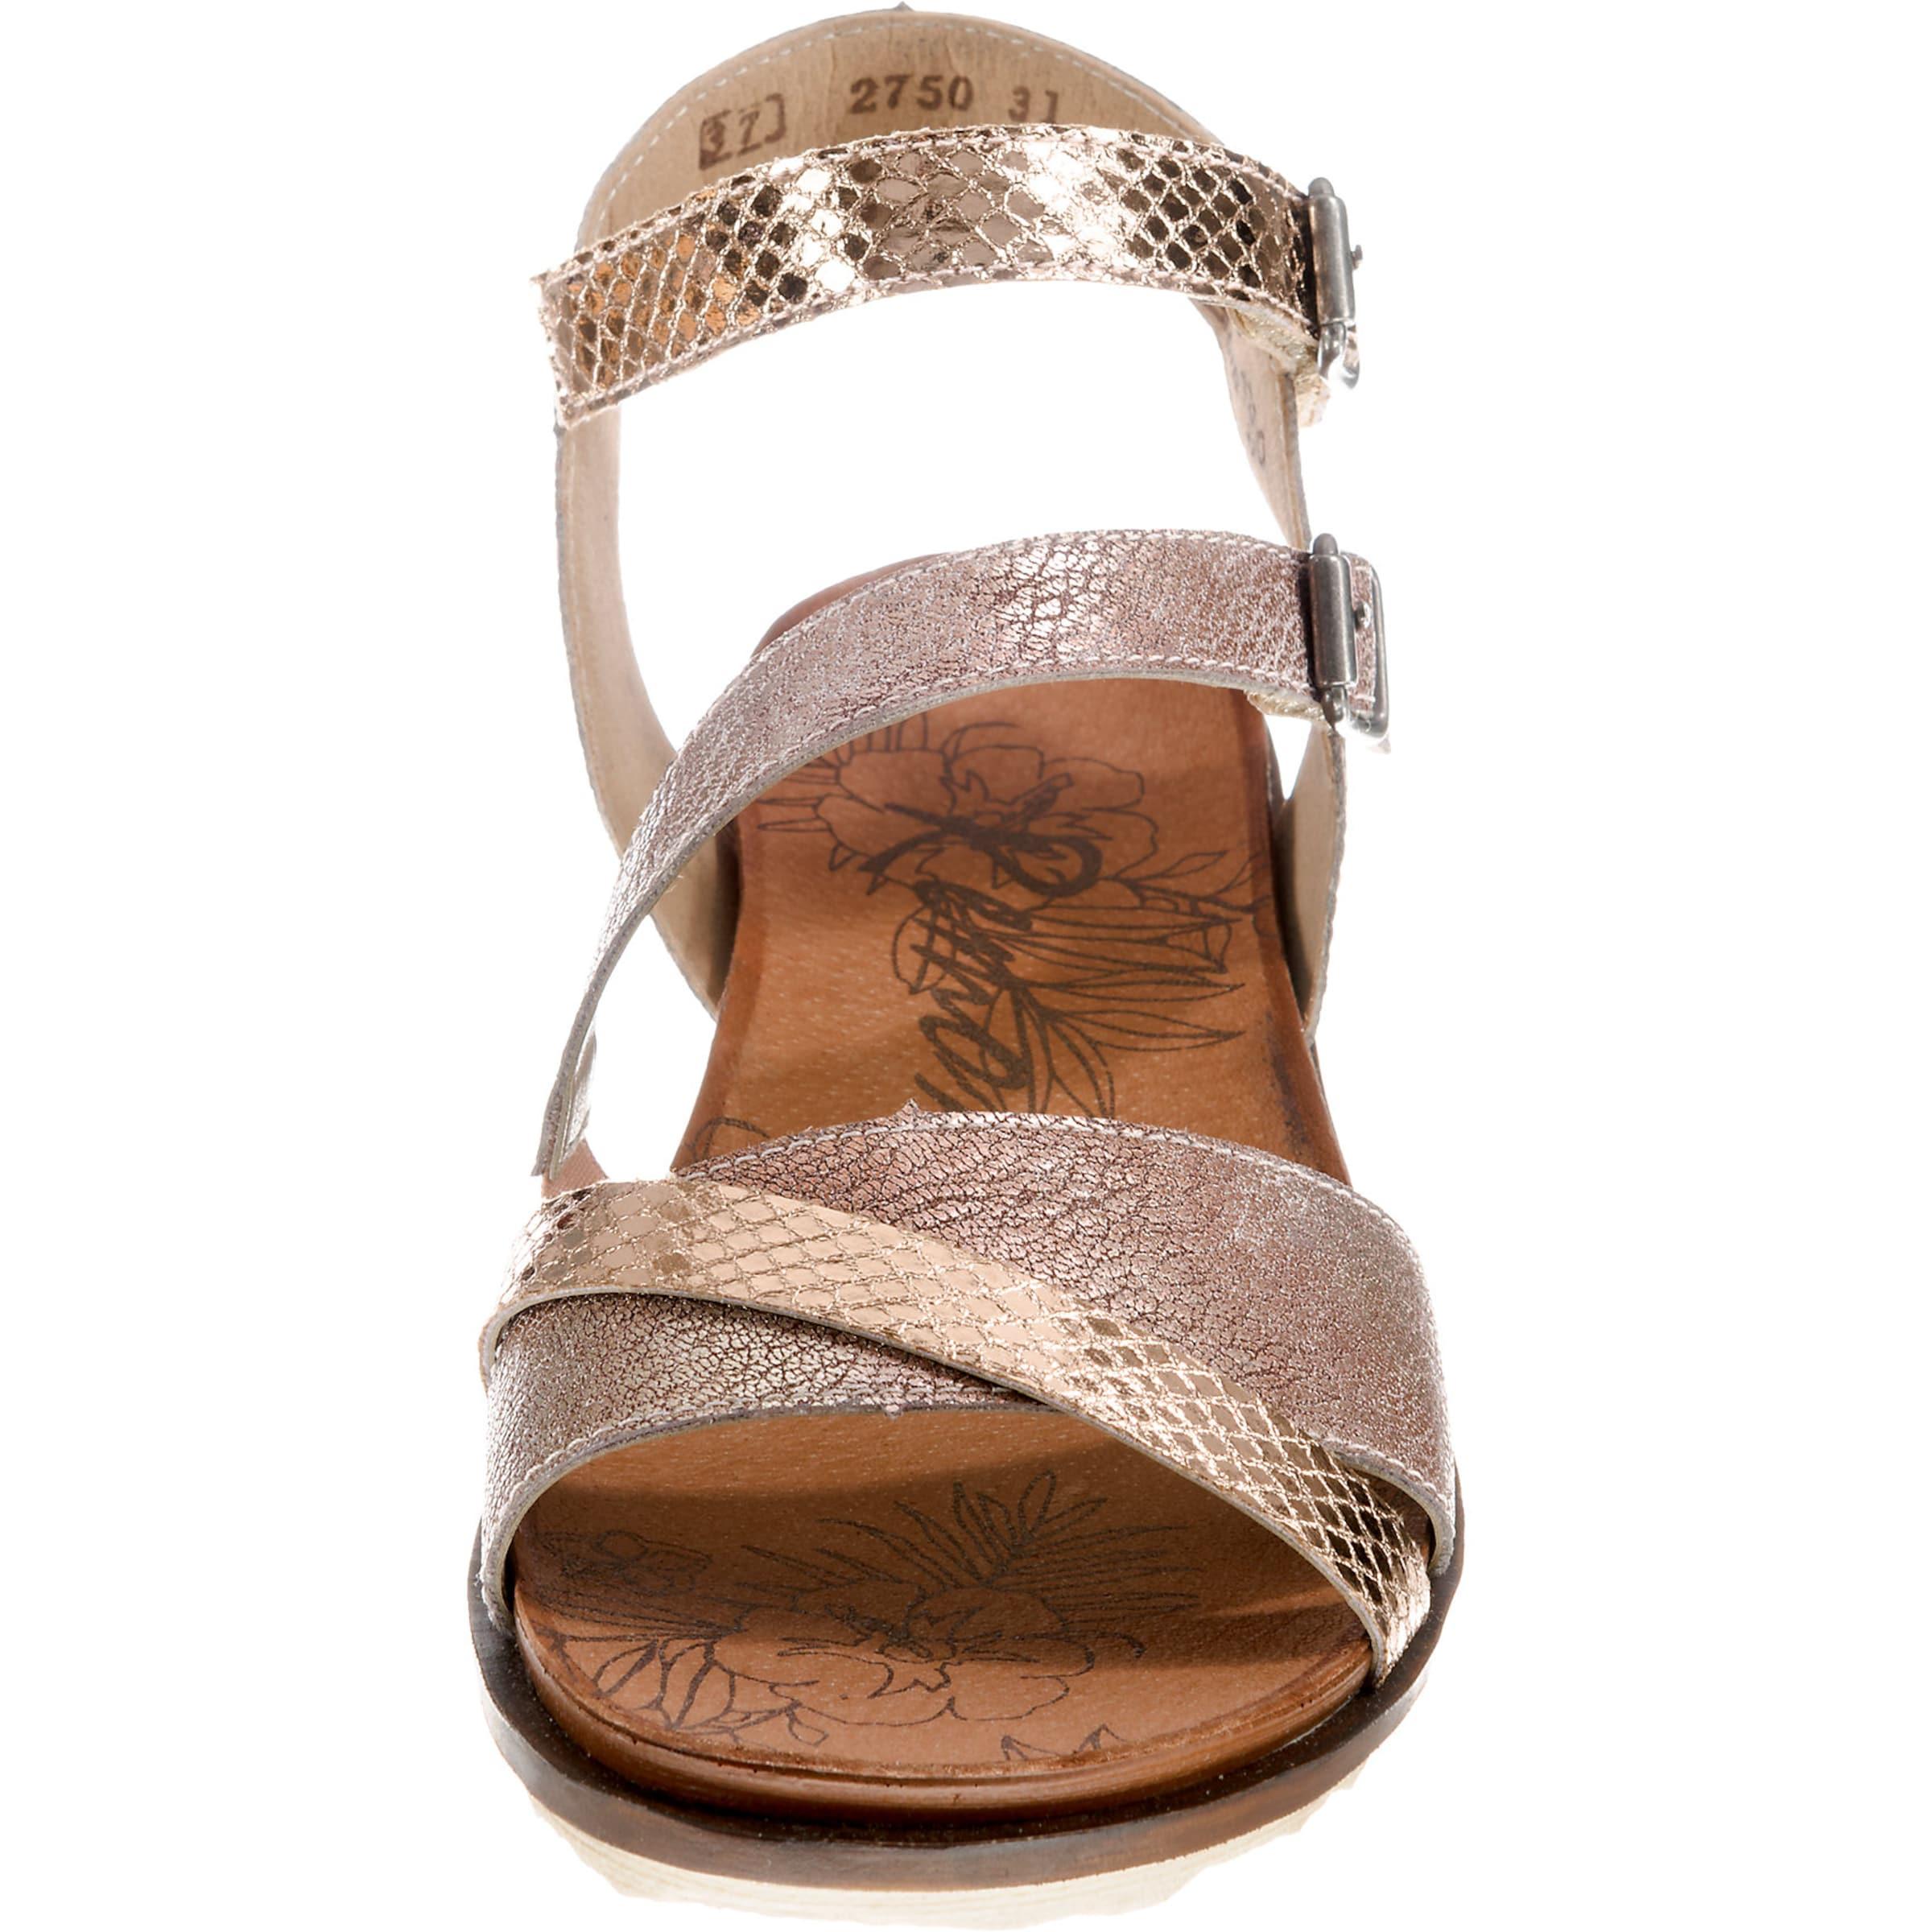 Remonte In Rosegold Sandale Sandale In In Remonte Sandale Rosegold Rosegold Remonte OZiTXulwPk